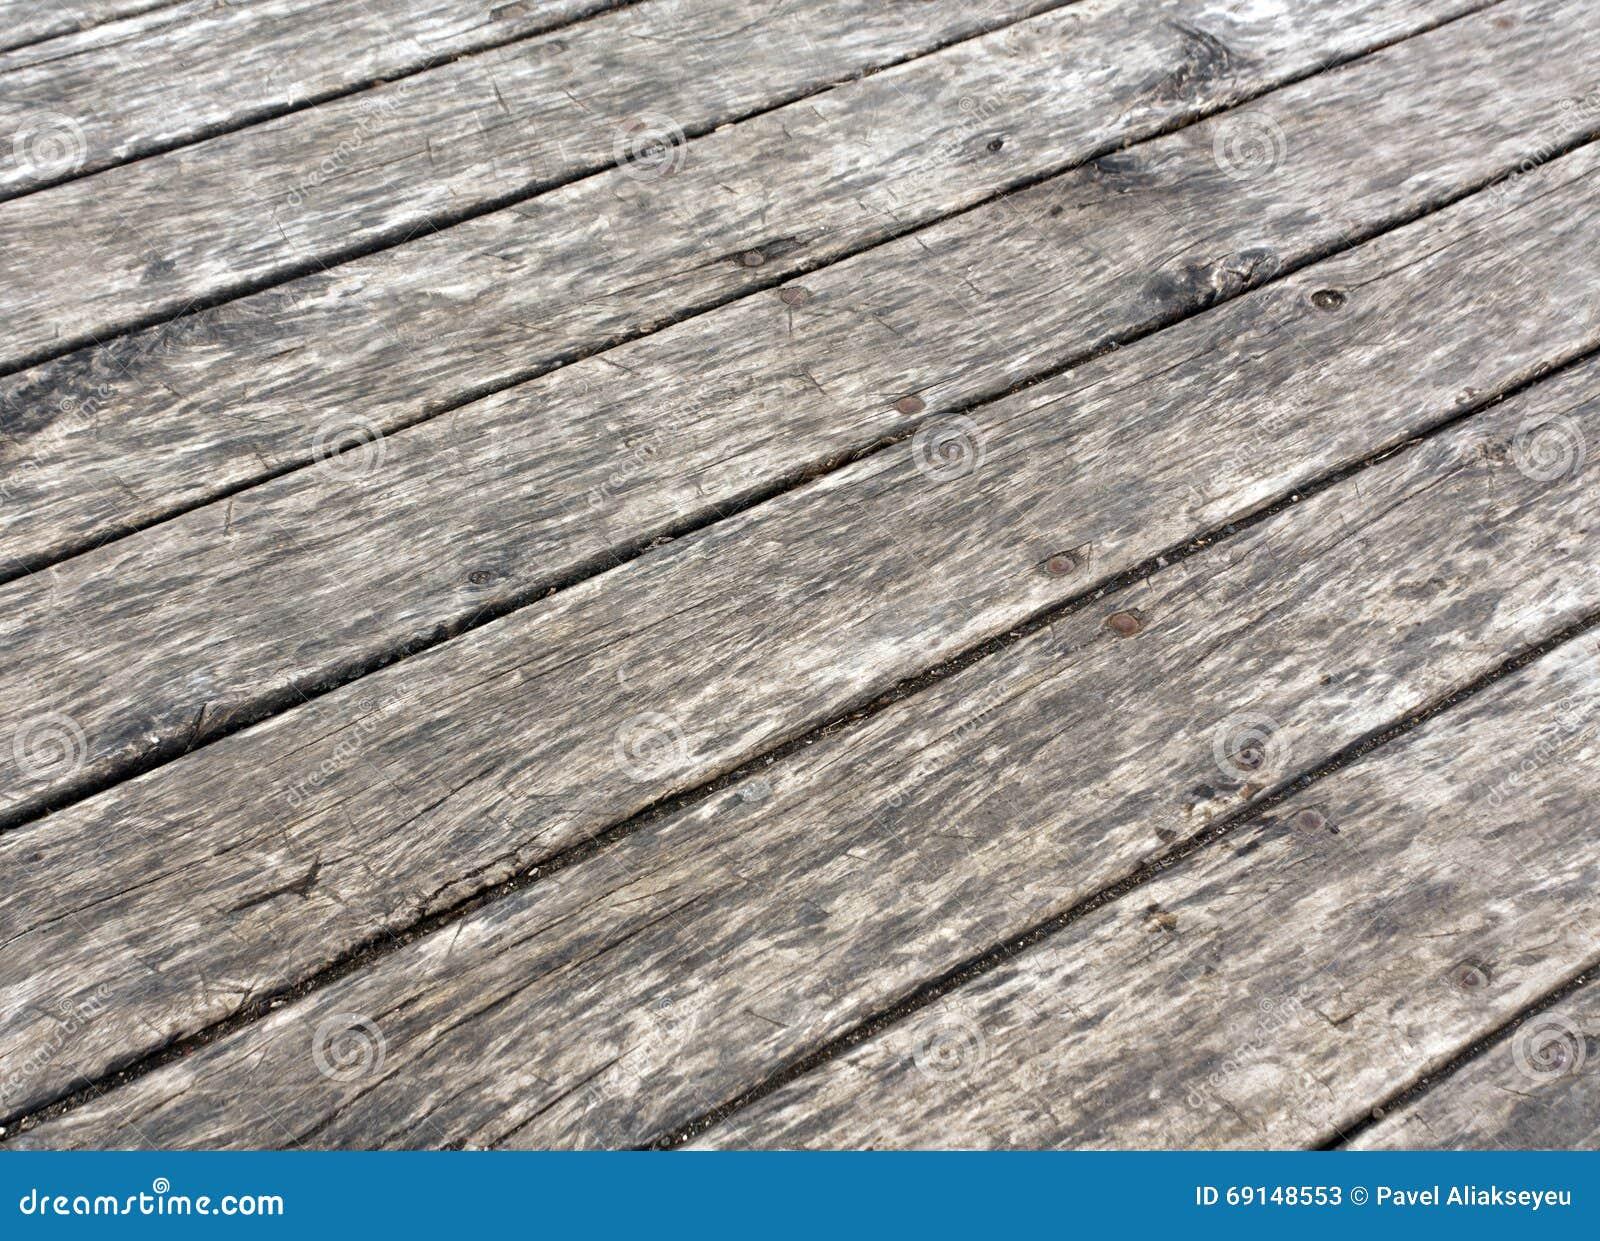 Lichtgrijze Houten Vloer : Interieur design ton magdelijns ongelooflijke grijze houten vloer